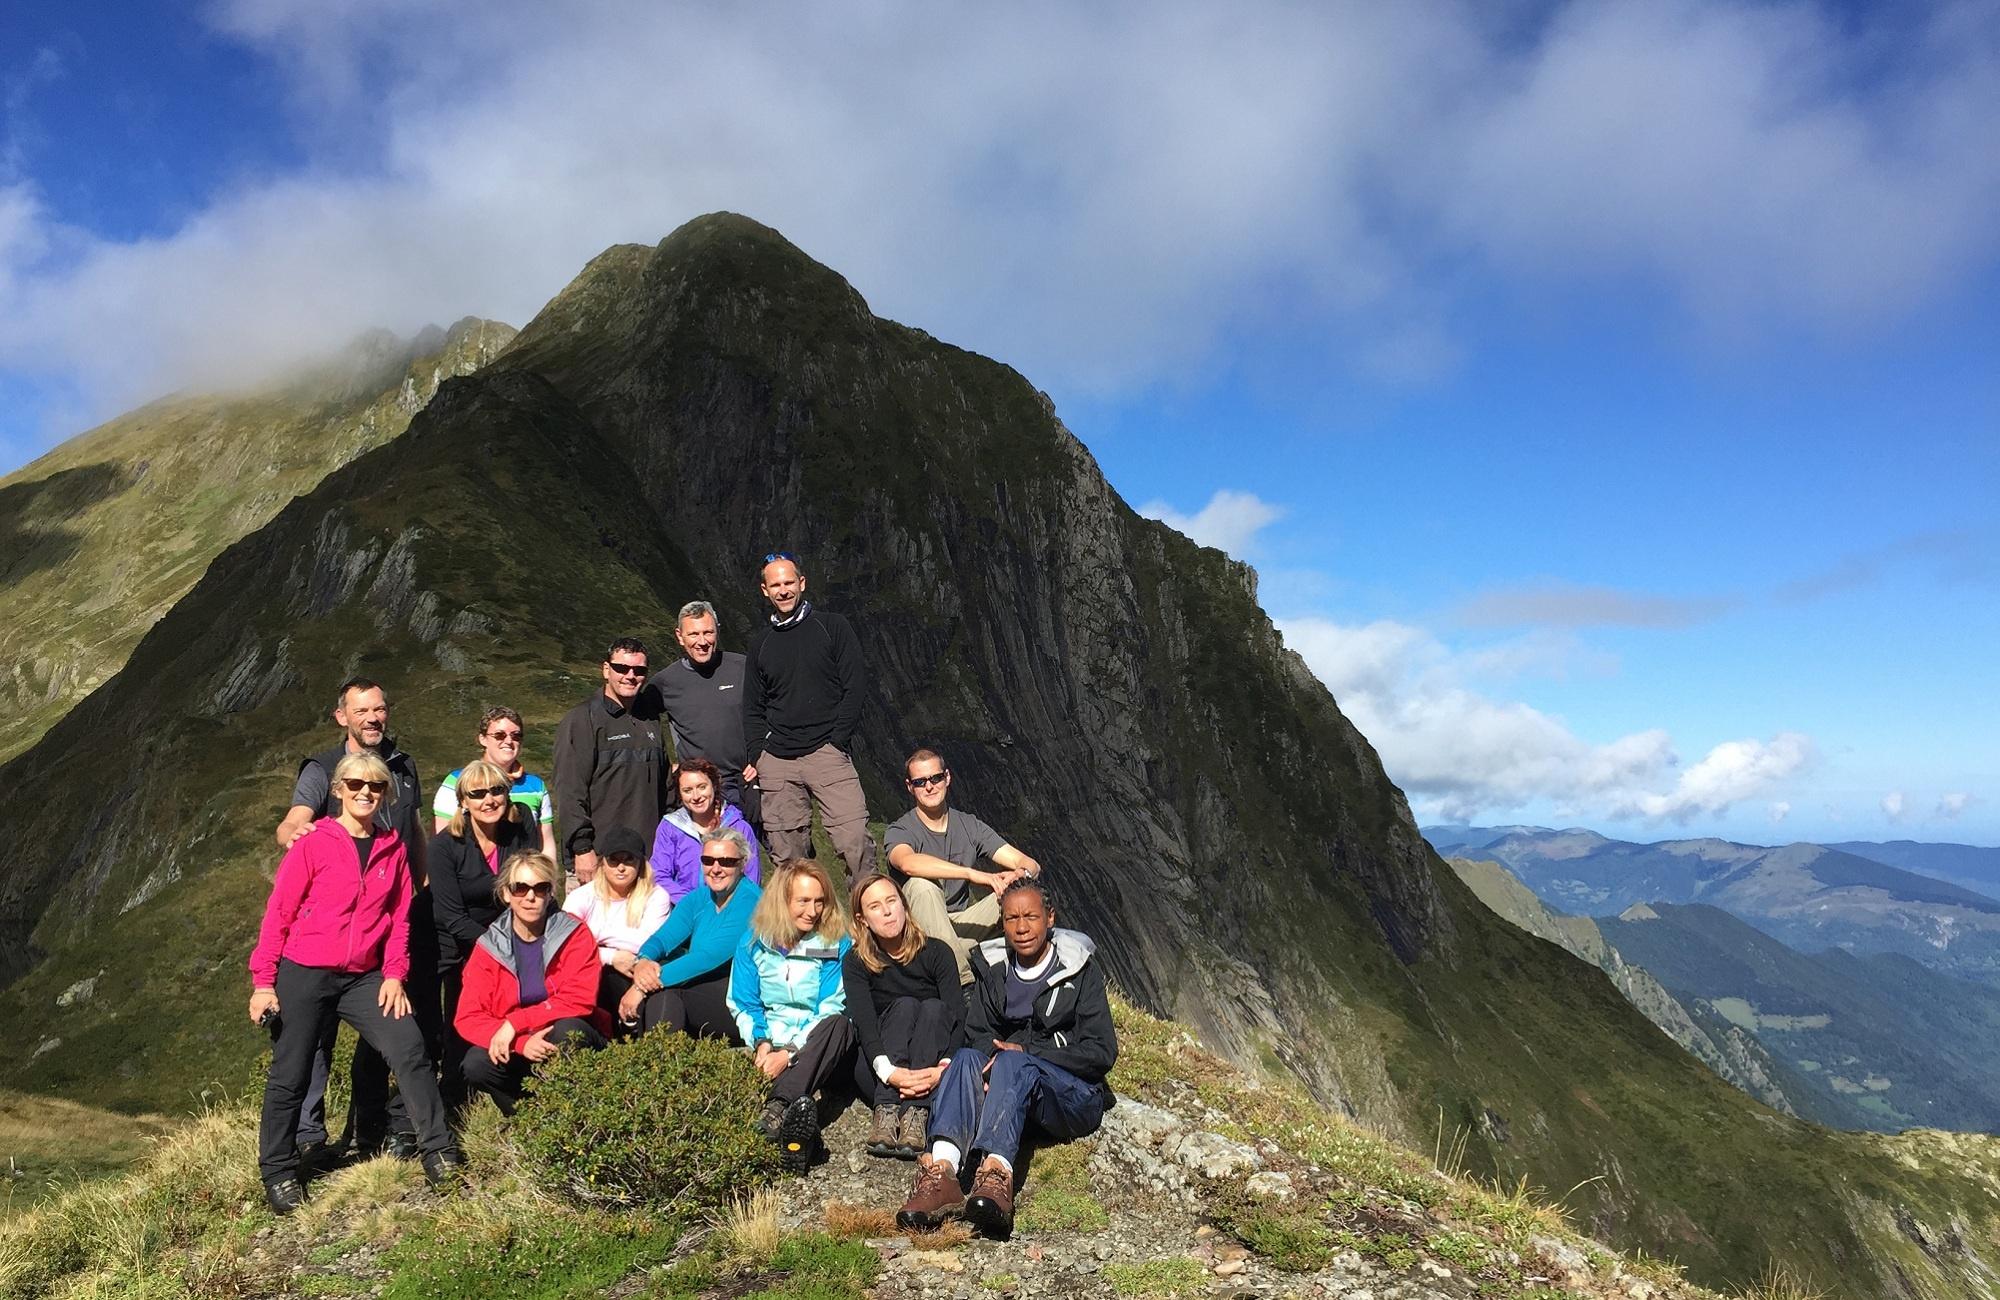 Group_Pic_Freedom_Trail.jpg